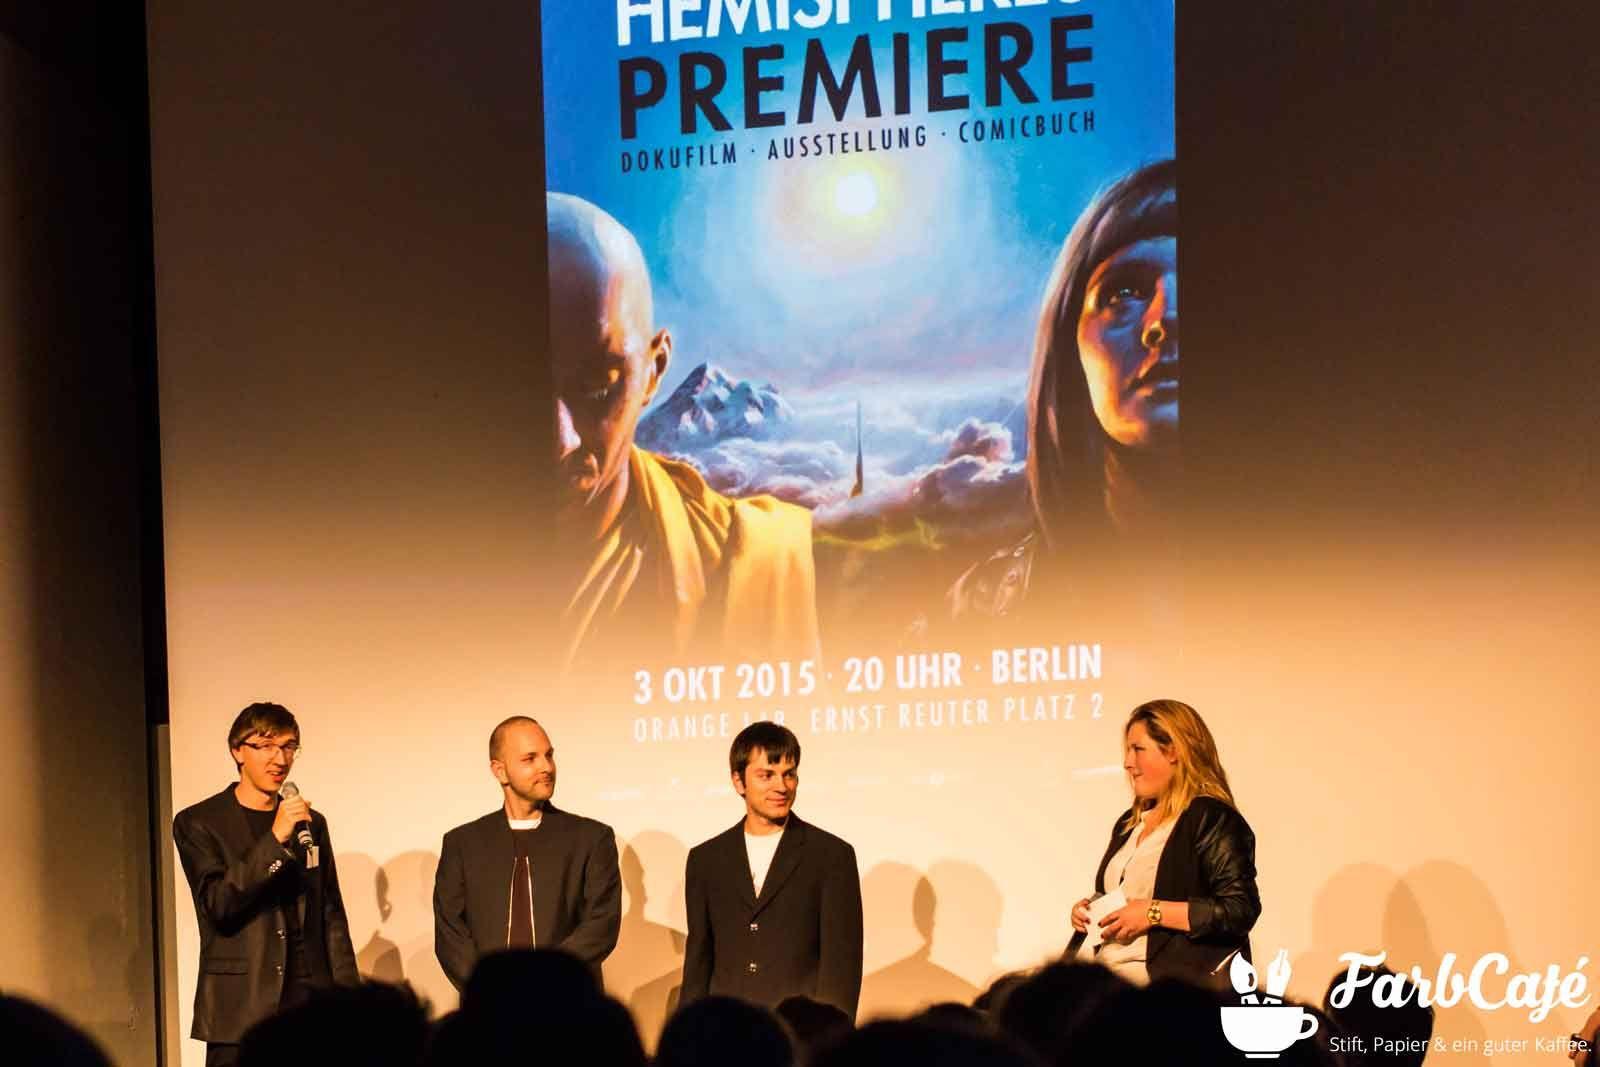 Christopher de la Garza, Simon Pape, Sascha Grusche bei der Premiere von Hemispheres